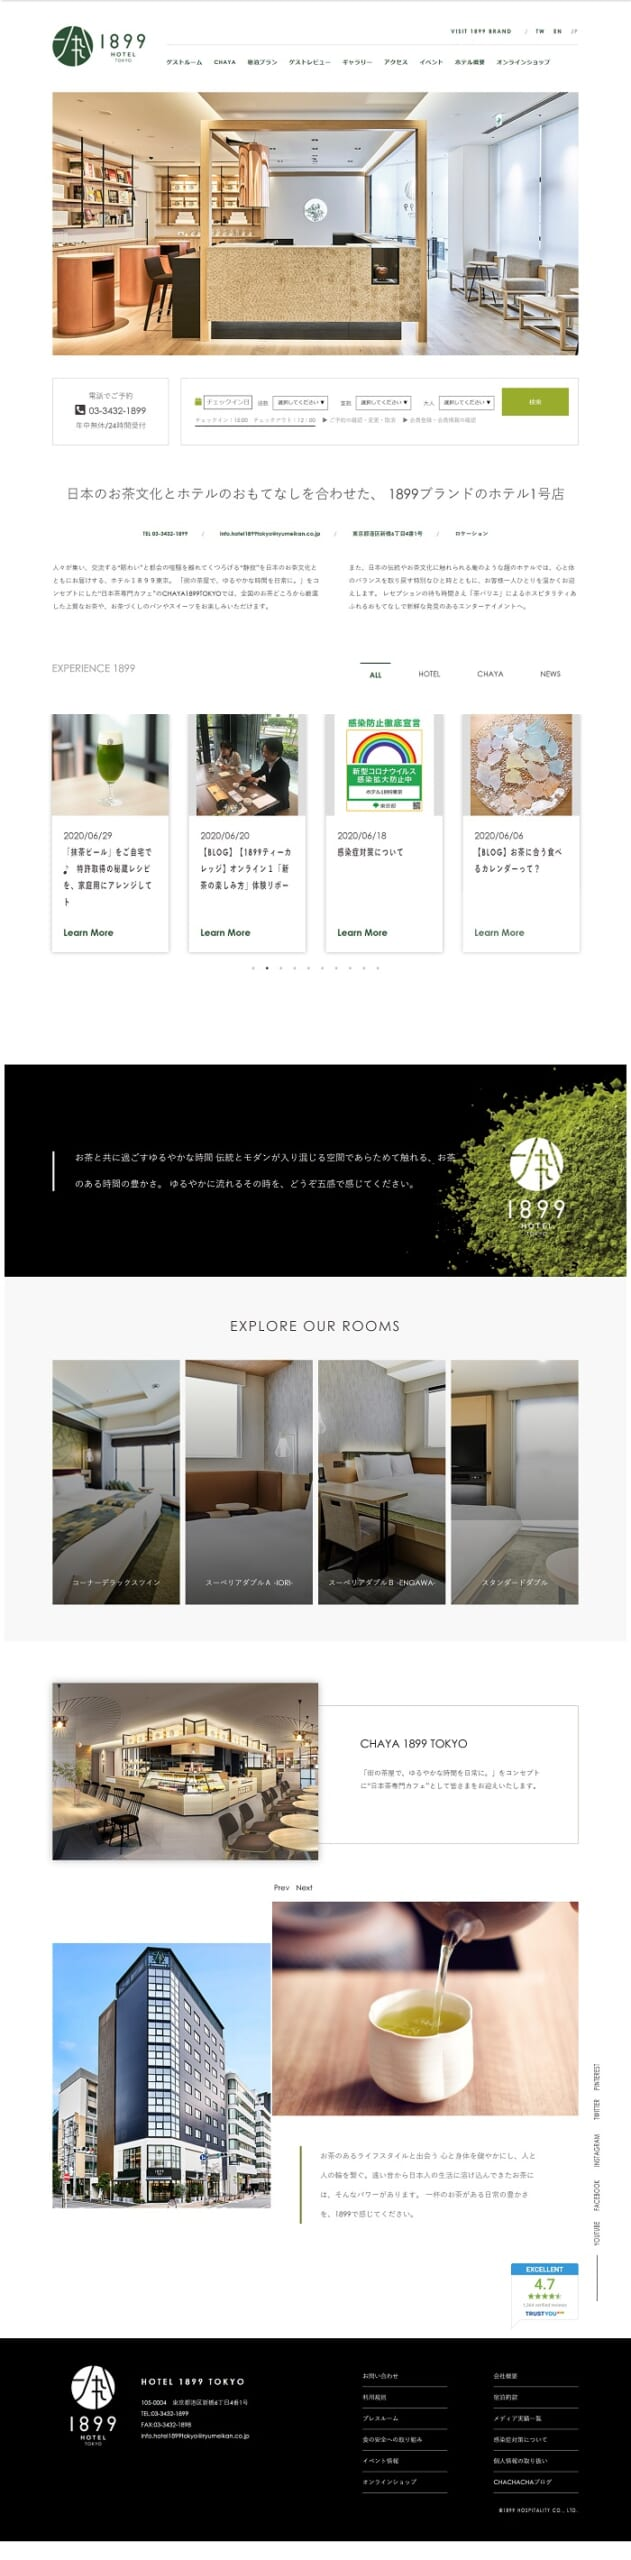 ホテル1899東京【公式HP】   新橋駅・浜松町駅から徒歩圏内